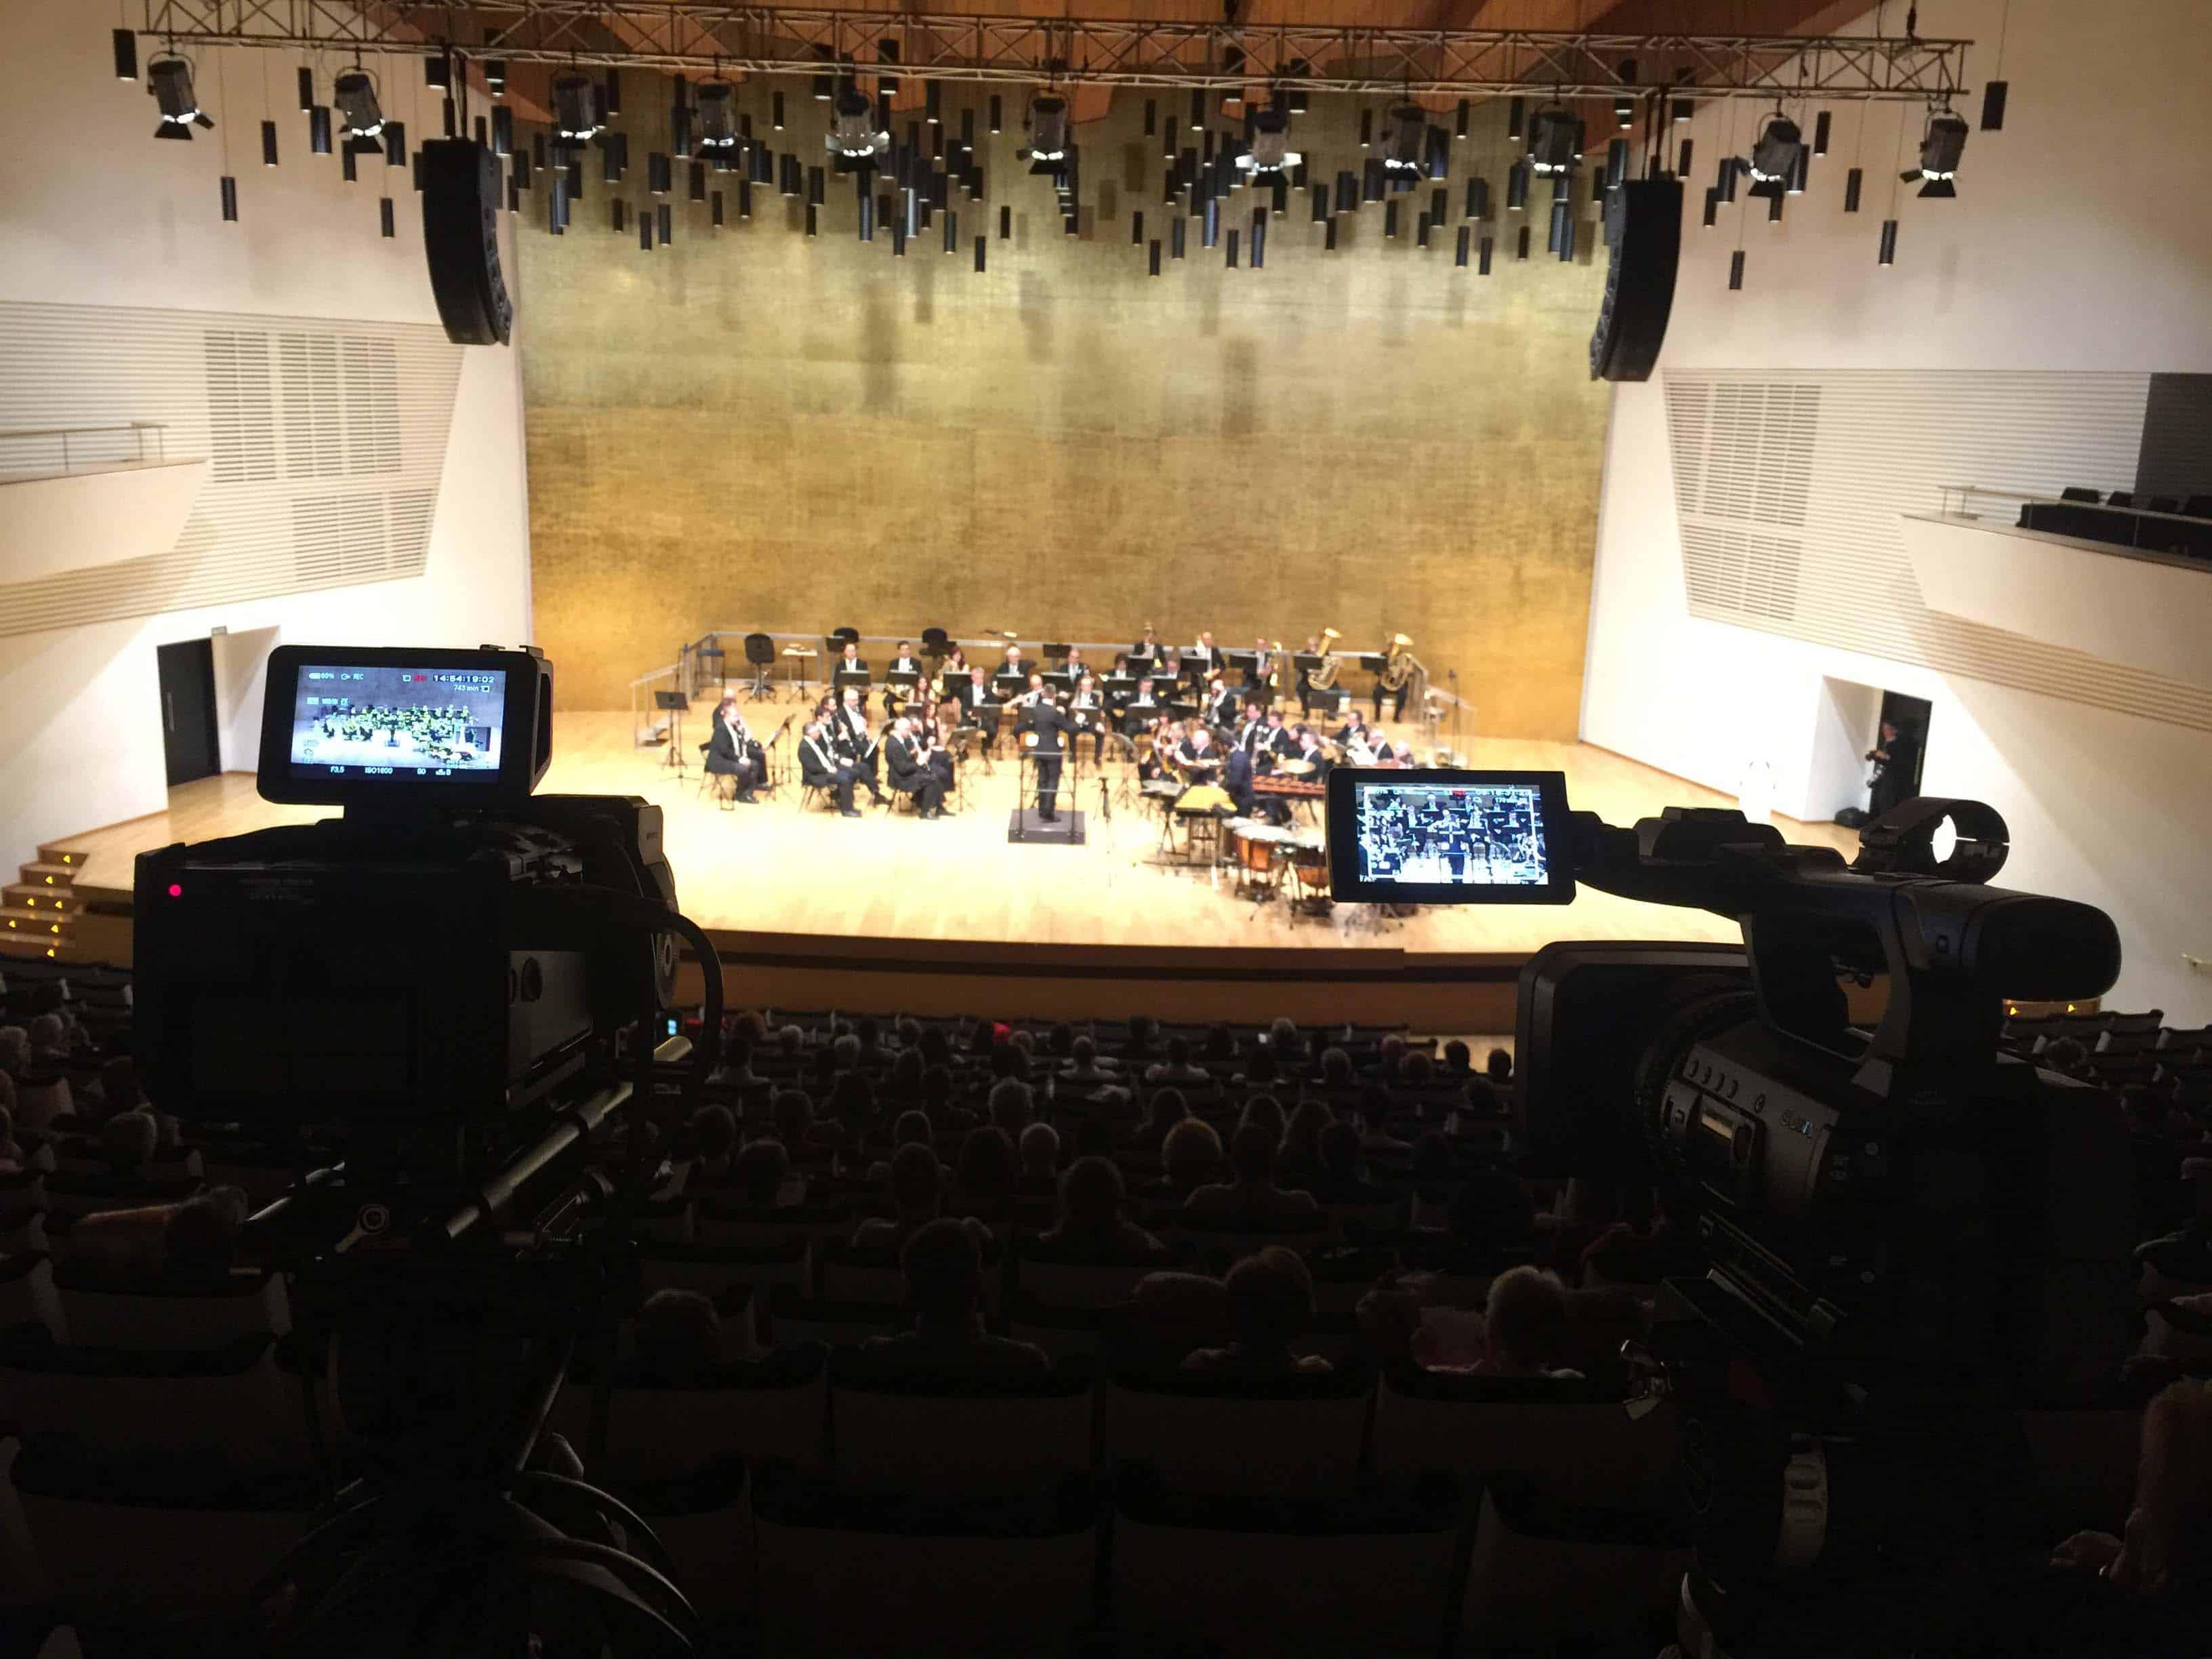 Productora Audiovisual de Alicante encargada de la Grabación de conciertos multicámara en Full HD. Equipo de microfonía de gran calidad.